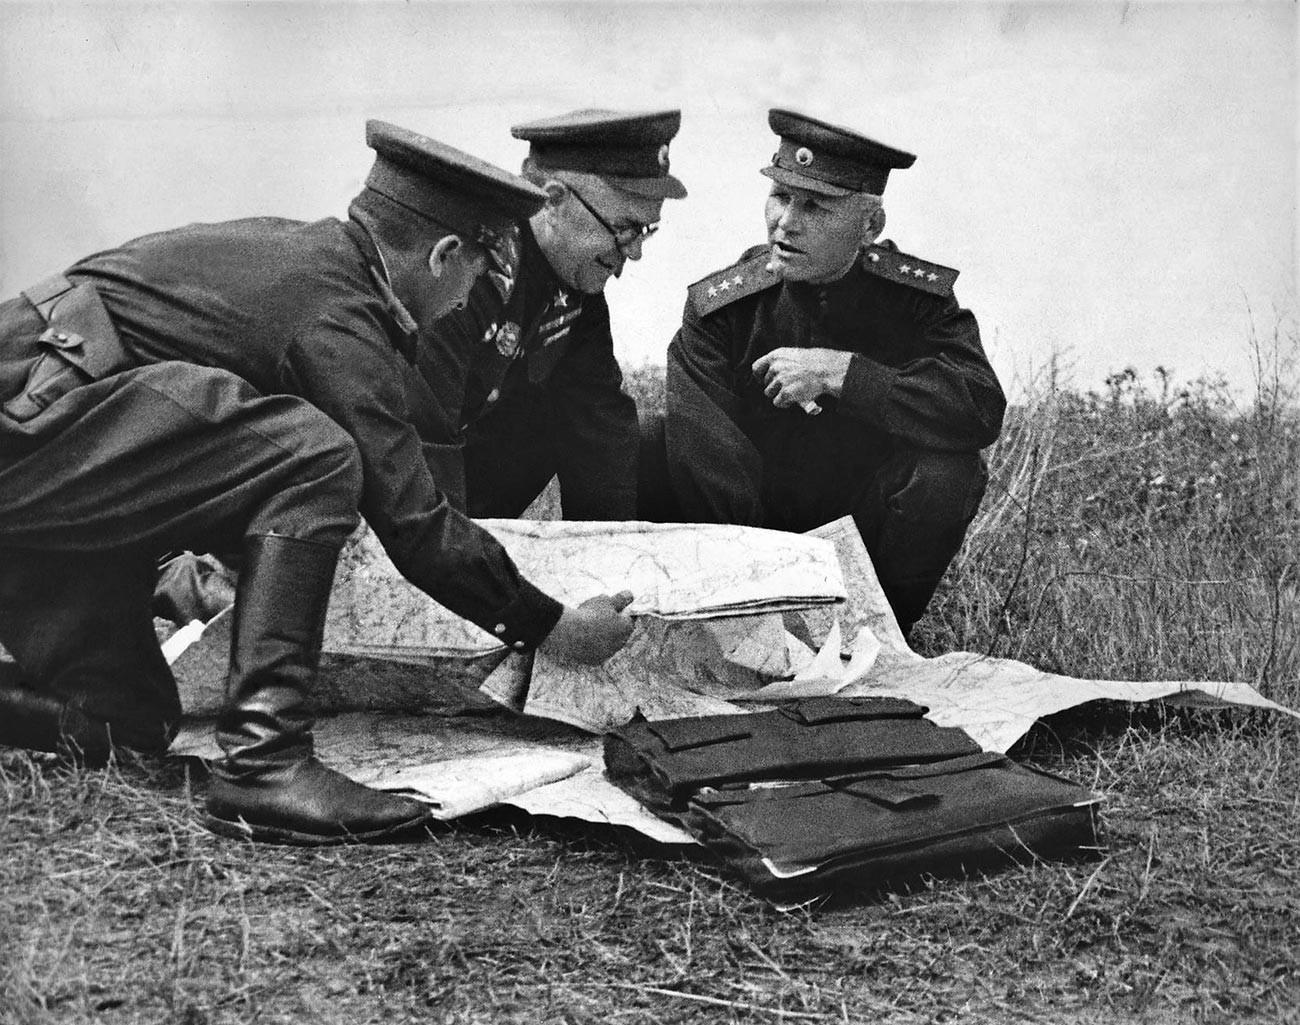 Stellvertretender Oberbefehlshaber des Oberbefehlshabers der Sowjetunion G.K. Schukow und der Kommandant der Steppenfront, Generaloberst I.S. Konew während der Schlacht von Kursk.